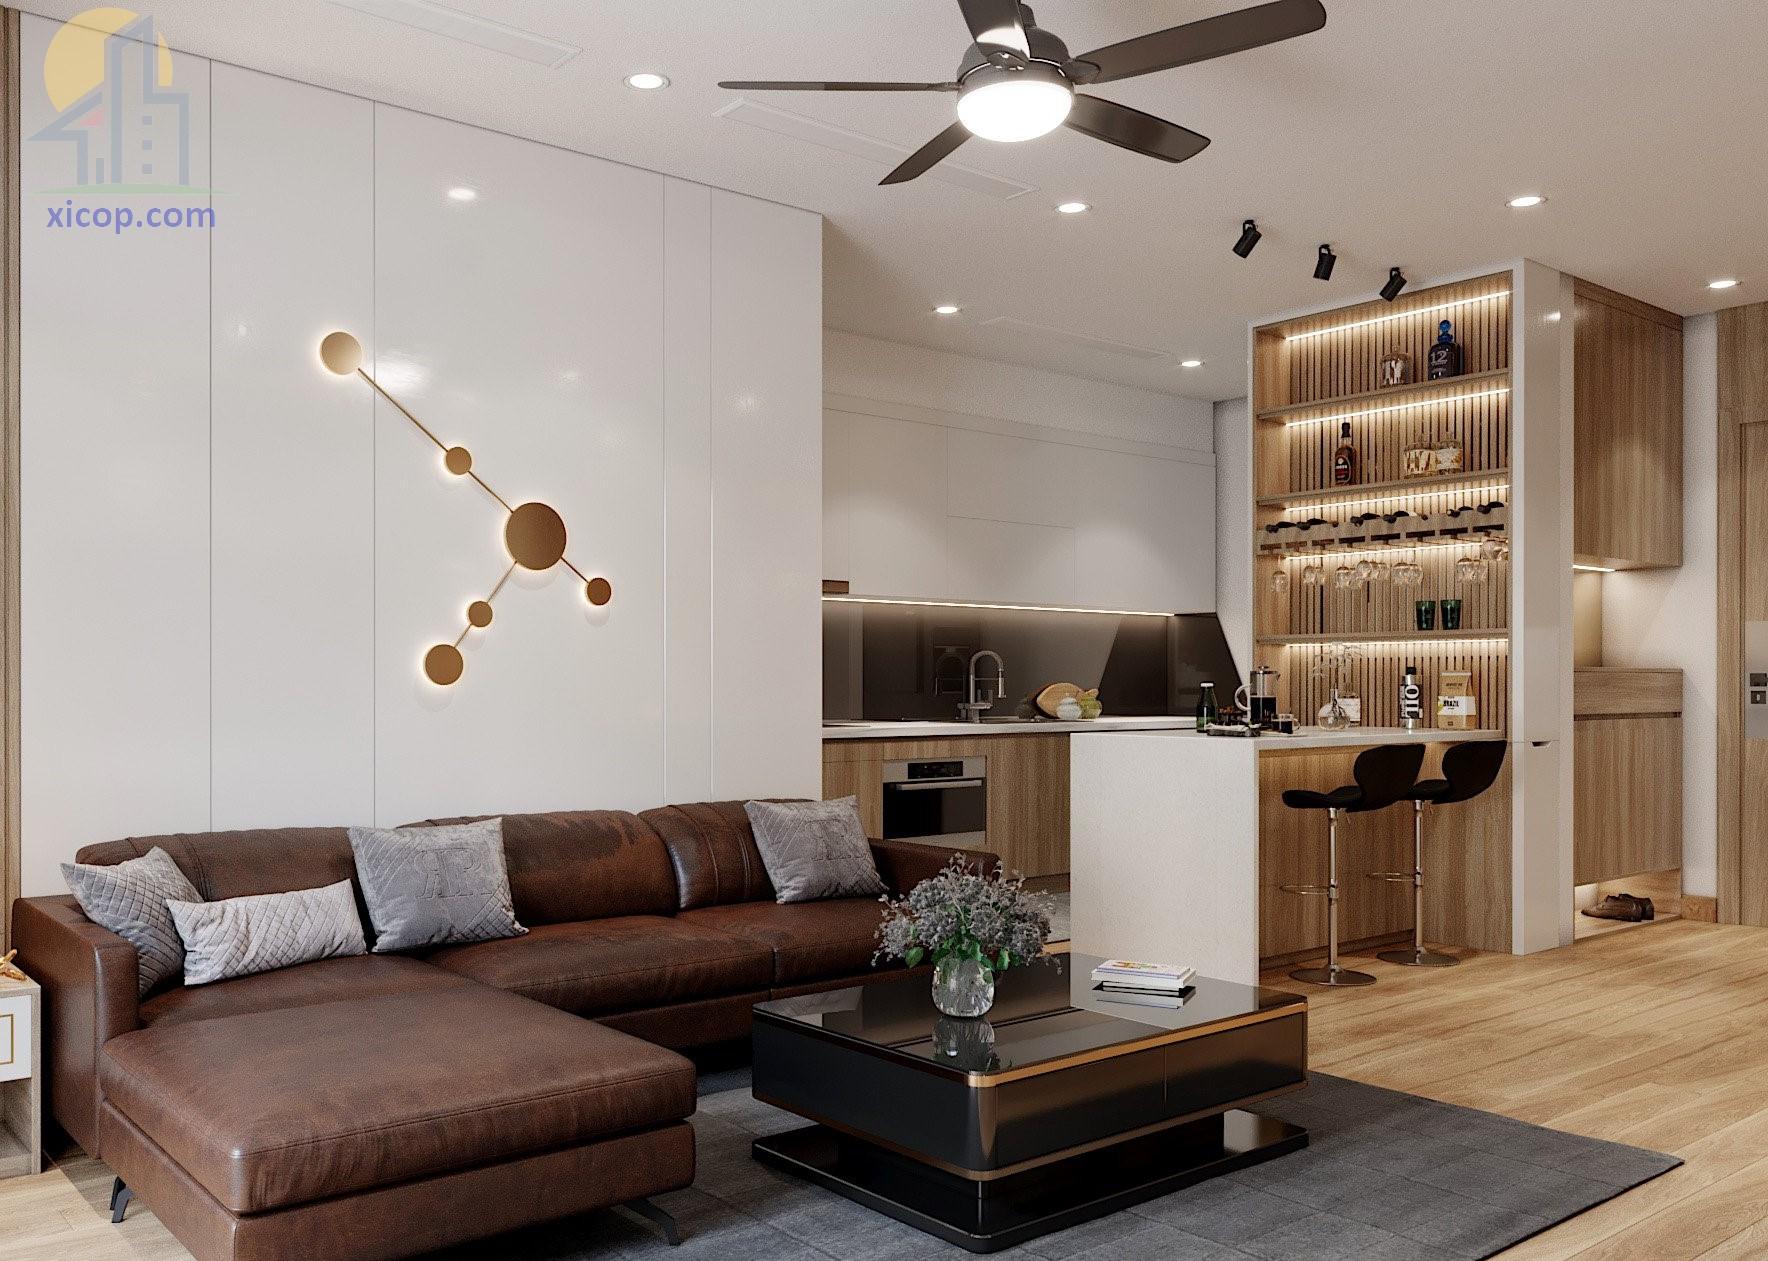 Nội thất nhà phố hiện đại các kiểu thiết kế đẹp số 1